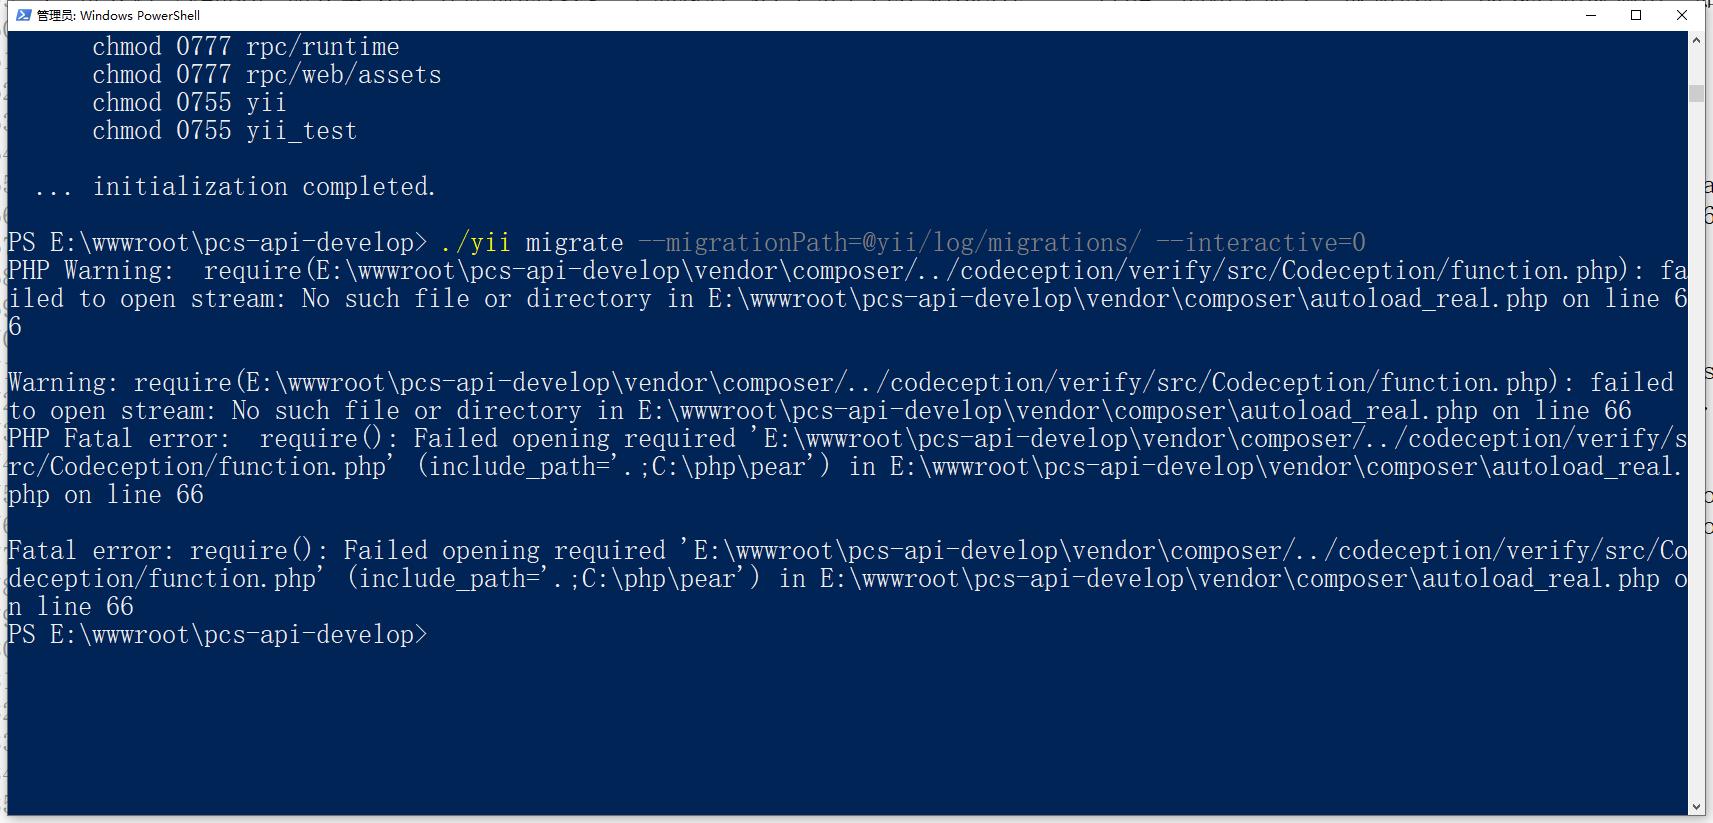 """在本地环境中全新部署,手动执行 $PCS_API_CFG_MIGRATE == """"true"""" 的相关命令。未成功运行,报错。"""